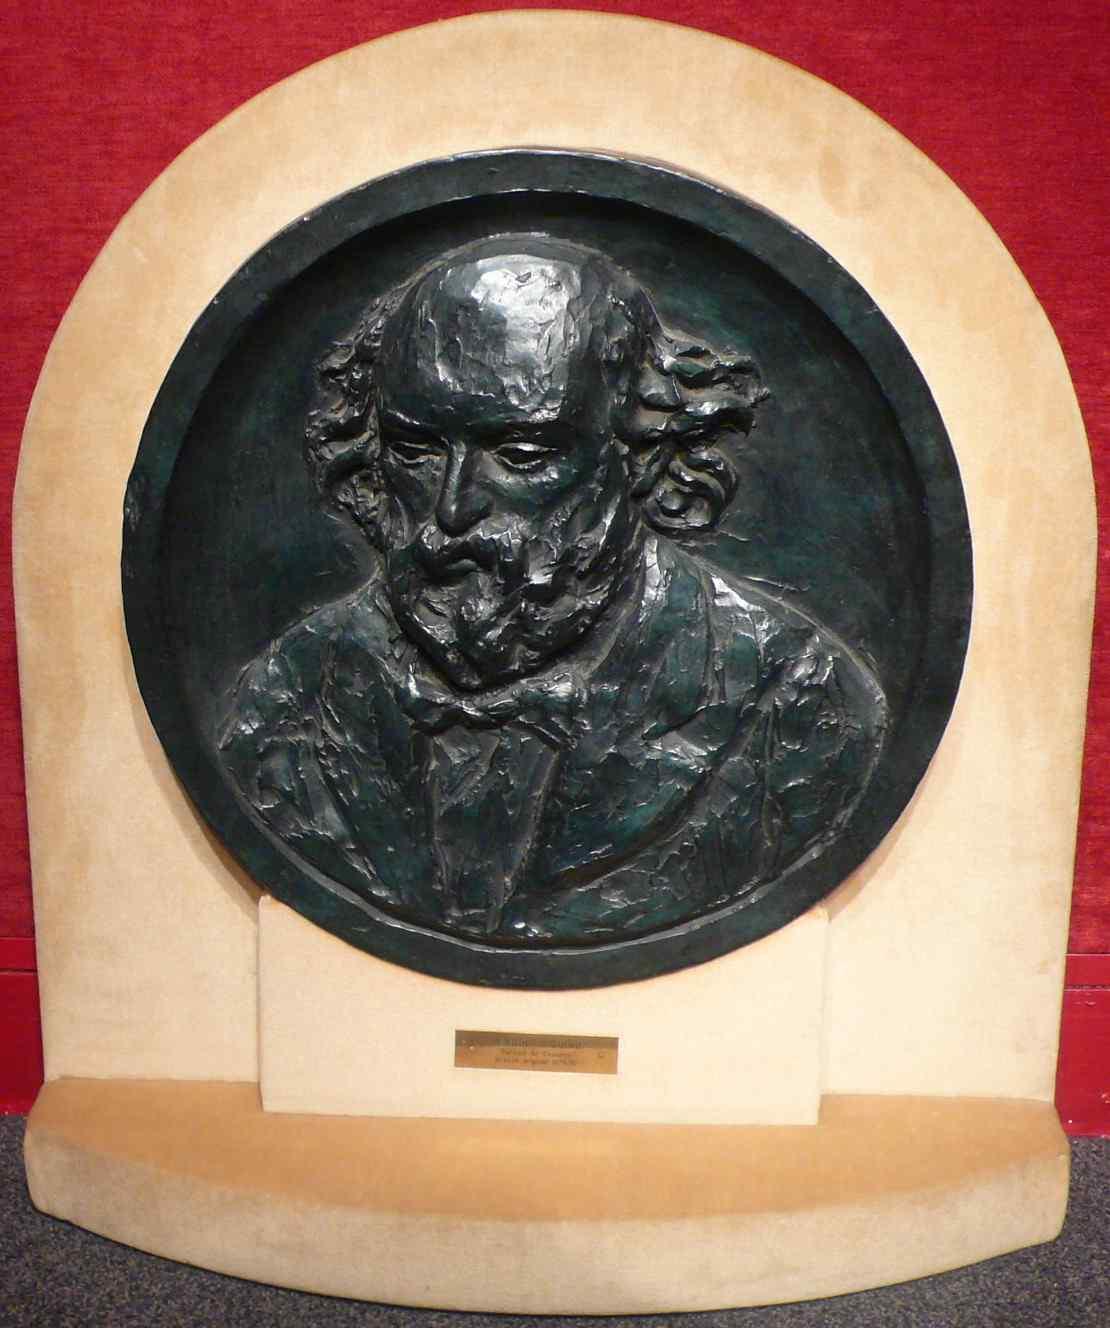 Ritratto di Cézanne di